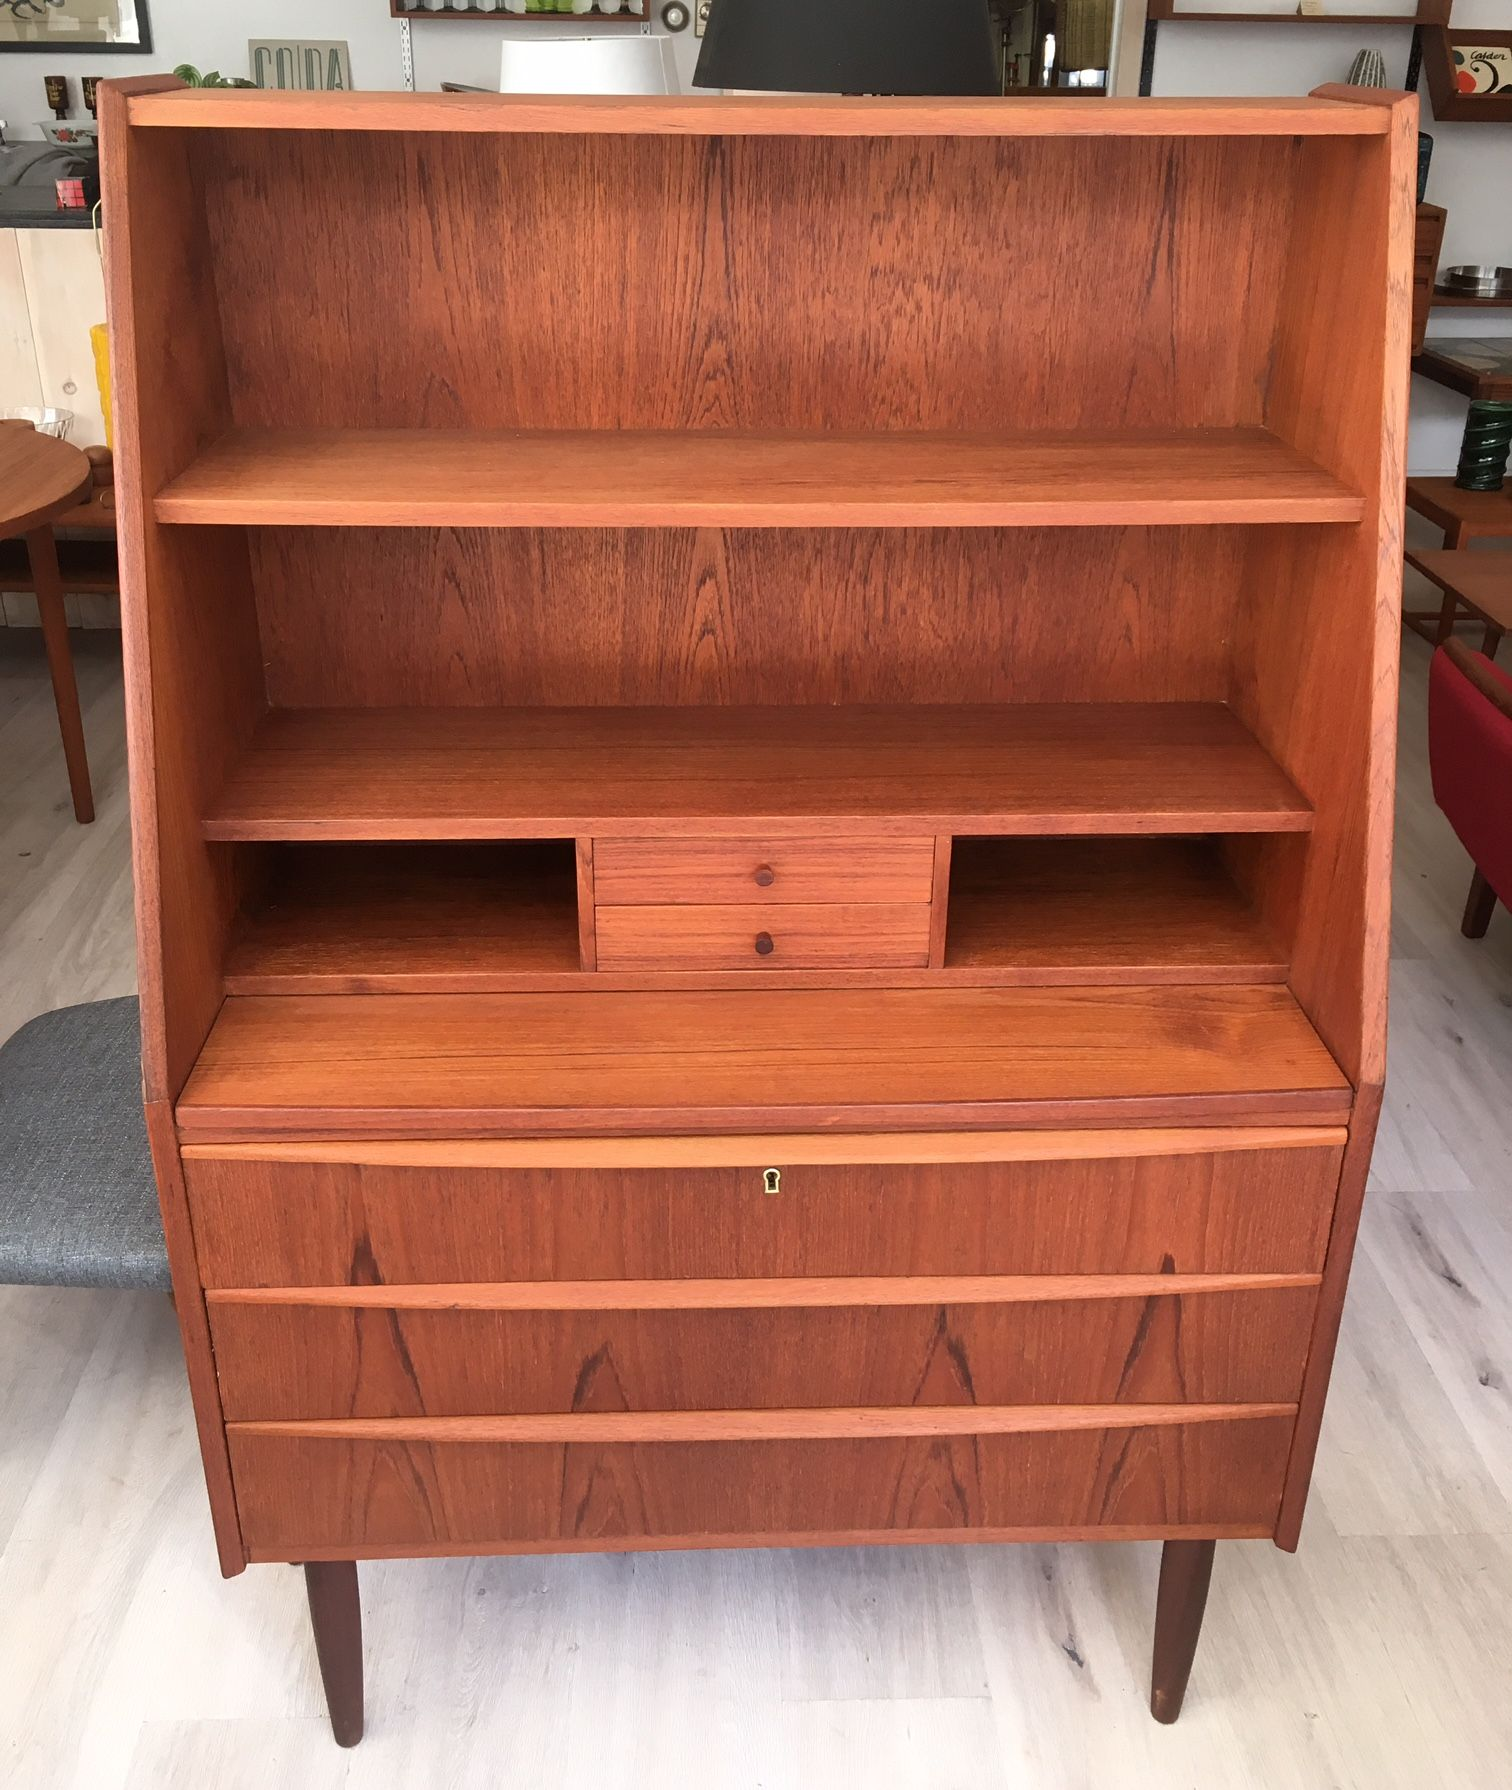 Secretaire En Teck Scandinave Tablette Style Bureau Amovible Restaure 35 5 X 17 X 53 75 H Bookcase Decor Furniture